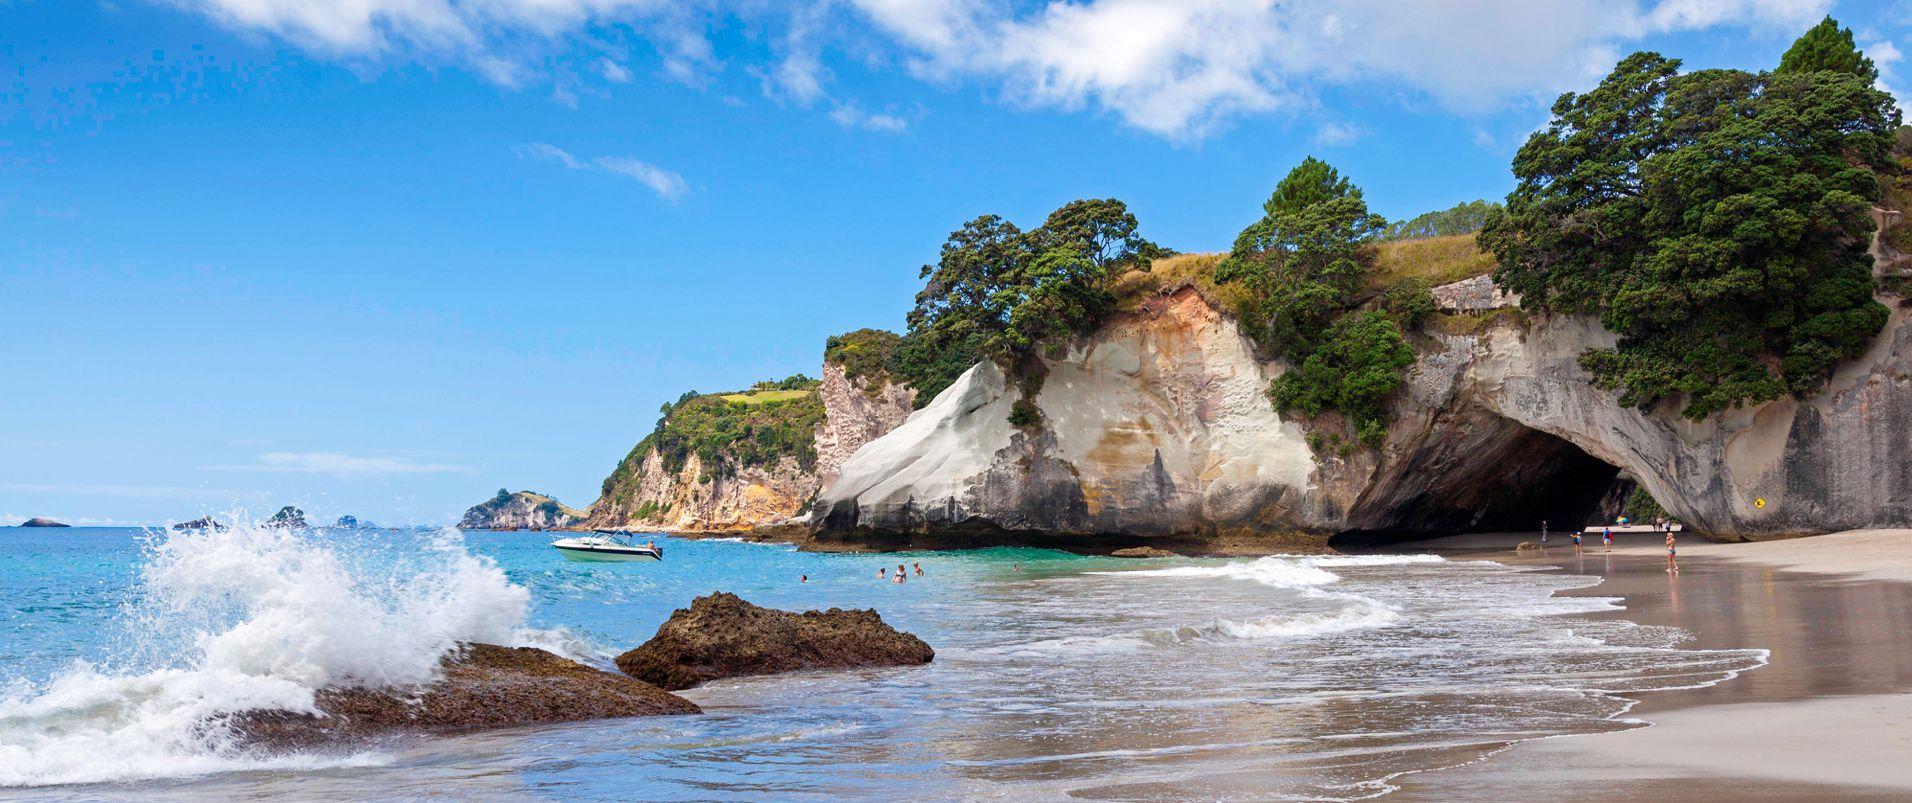 Tatahi Lodge Beach Resort Accommodation